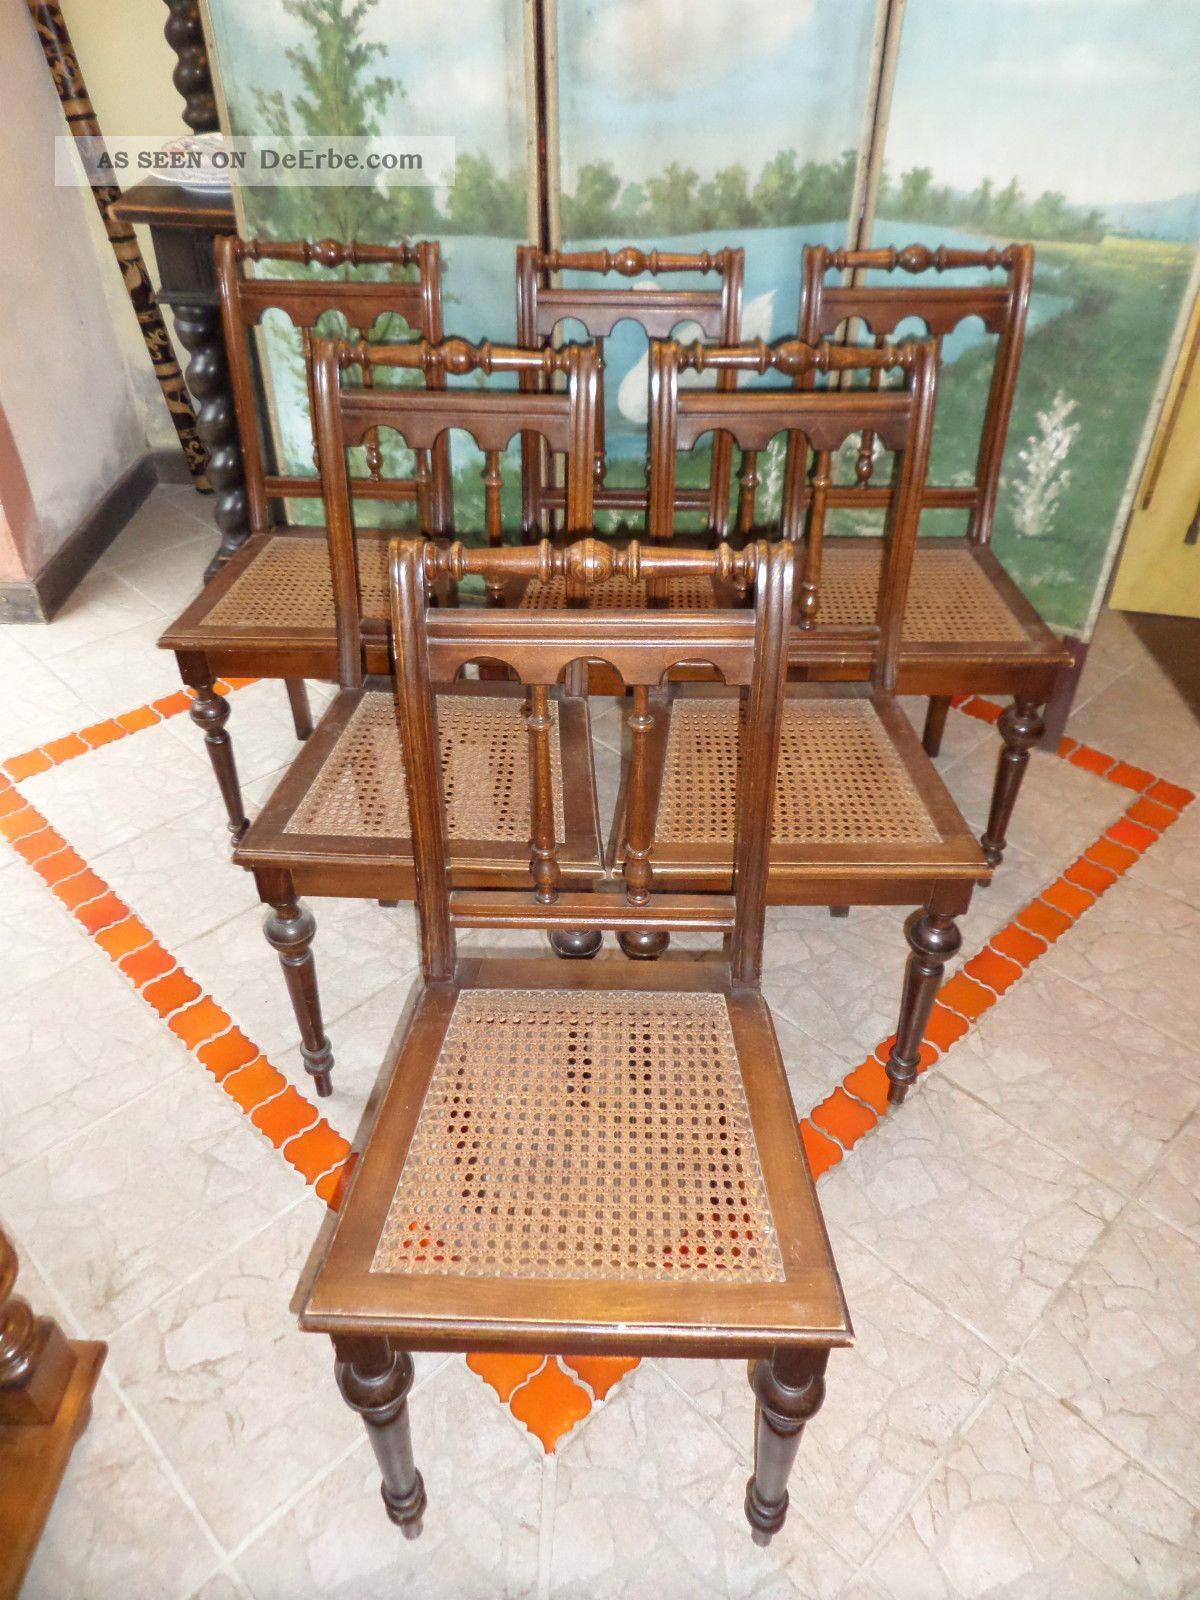 Stühle Geflochten sechs gründerzeit stühle um 1880 geflochtene sitzfläche buchenholz